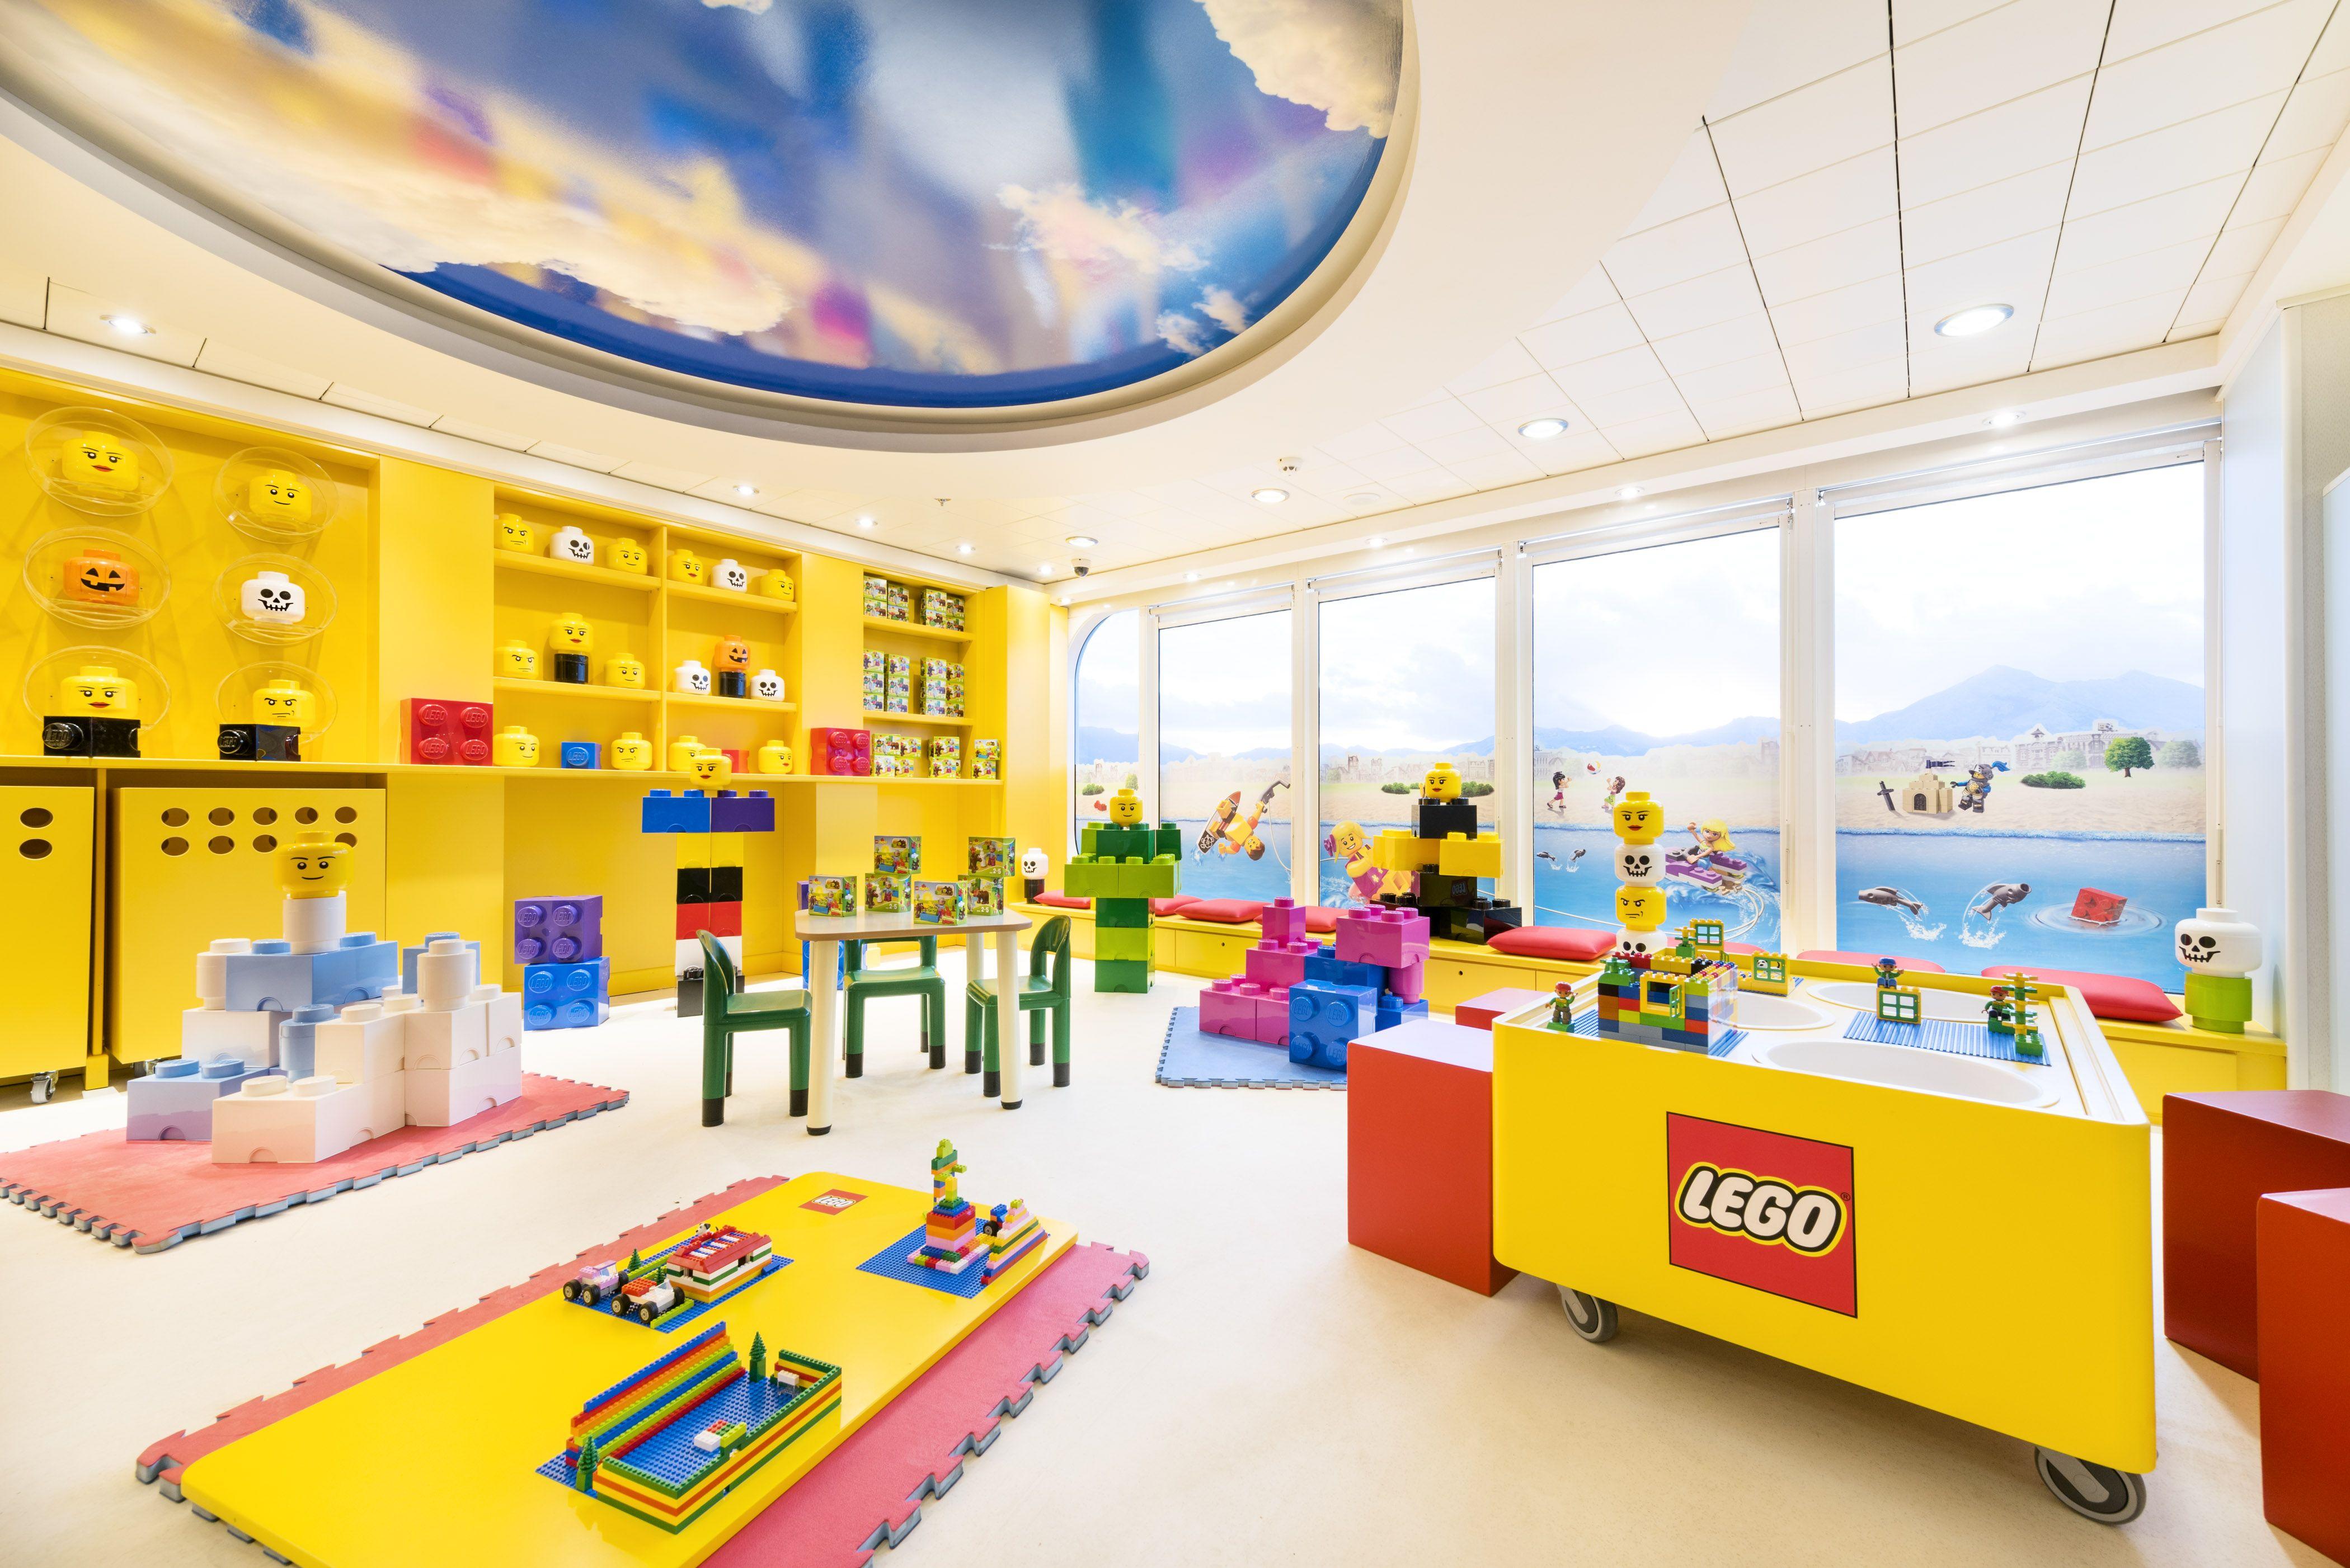 Espace de jeux LEGO MSC Armonia